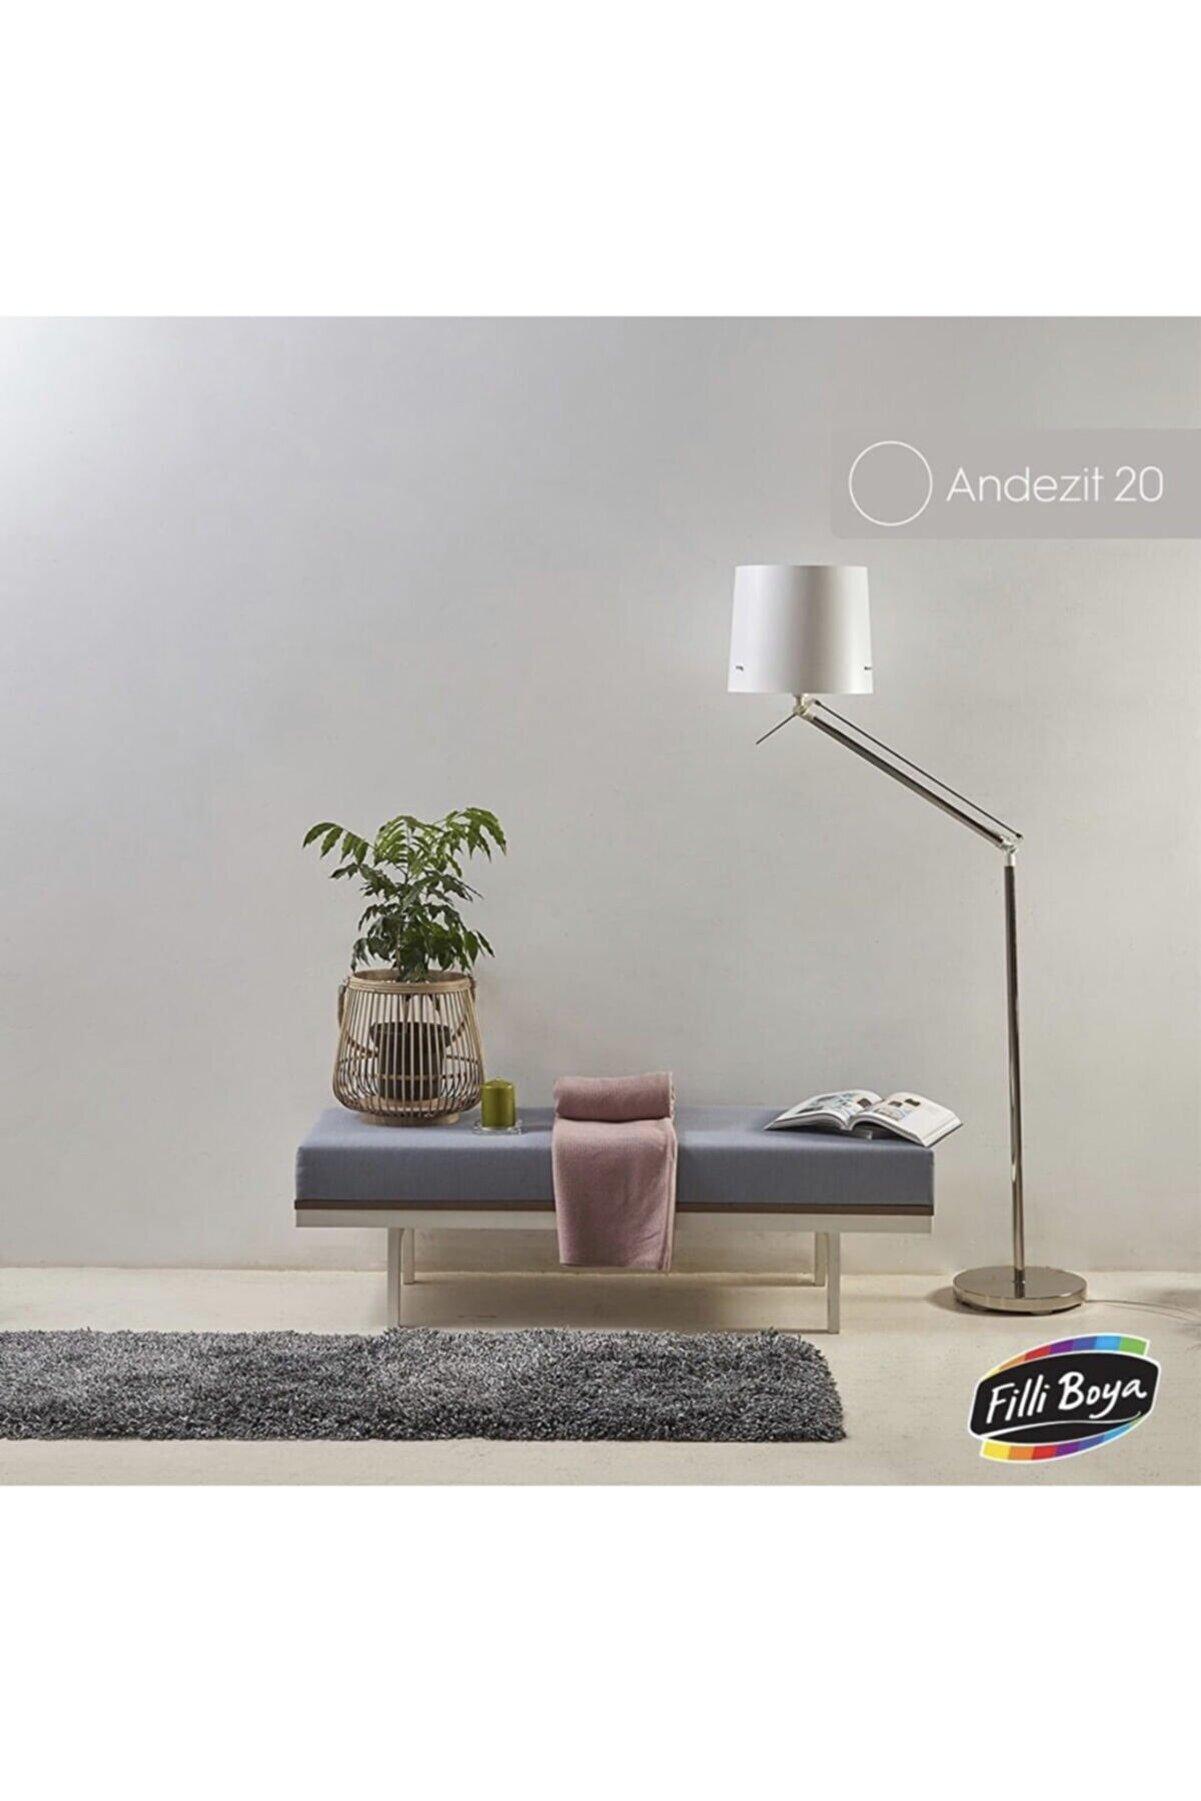 Filli Boya Momento Max 2.5lt Renk: Andezit20 Soft Mat Tam Silinebilir Iç Cephe Boyası